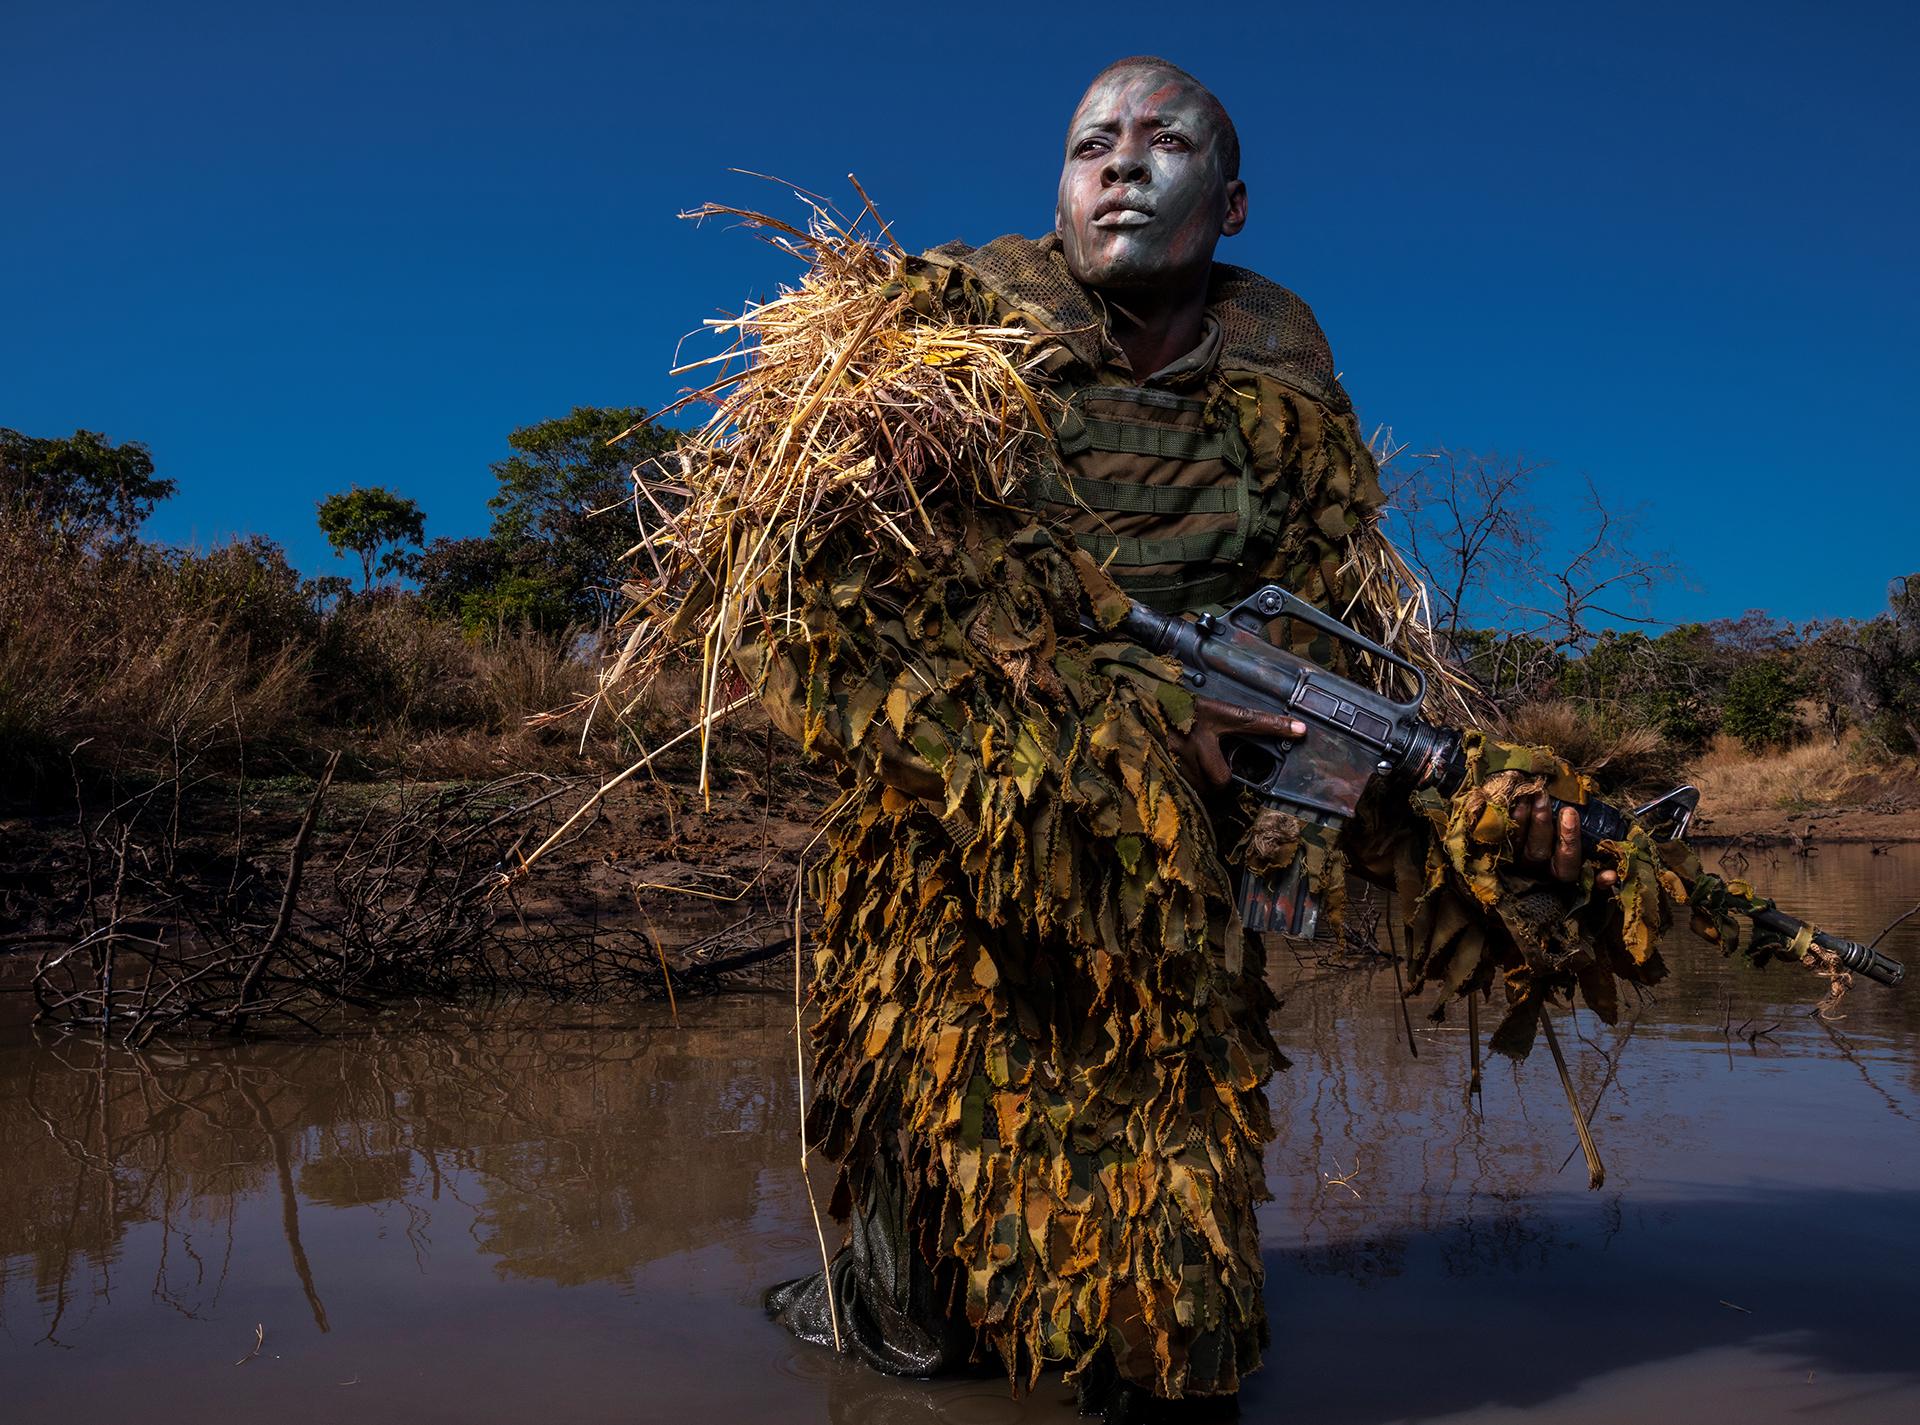 Una mujer miembro de la Akashinga, una fuerza de elite femenina que se dedica a patrullar zonas de Zimbabwe con el objetivo de evitar la caza furtiva. Brent Stirton, 2018